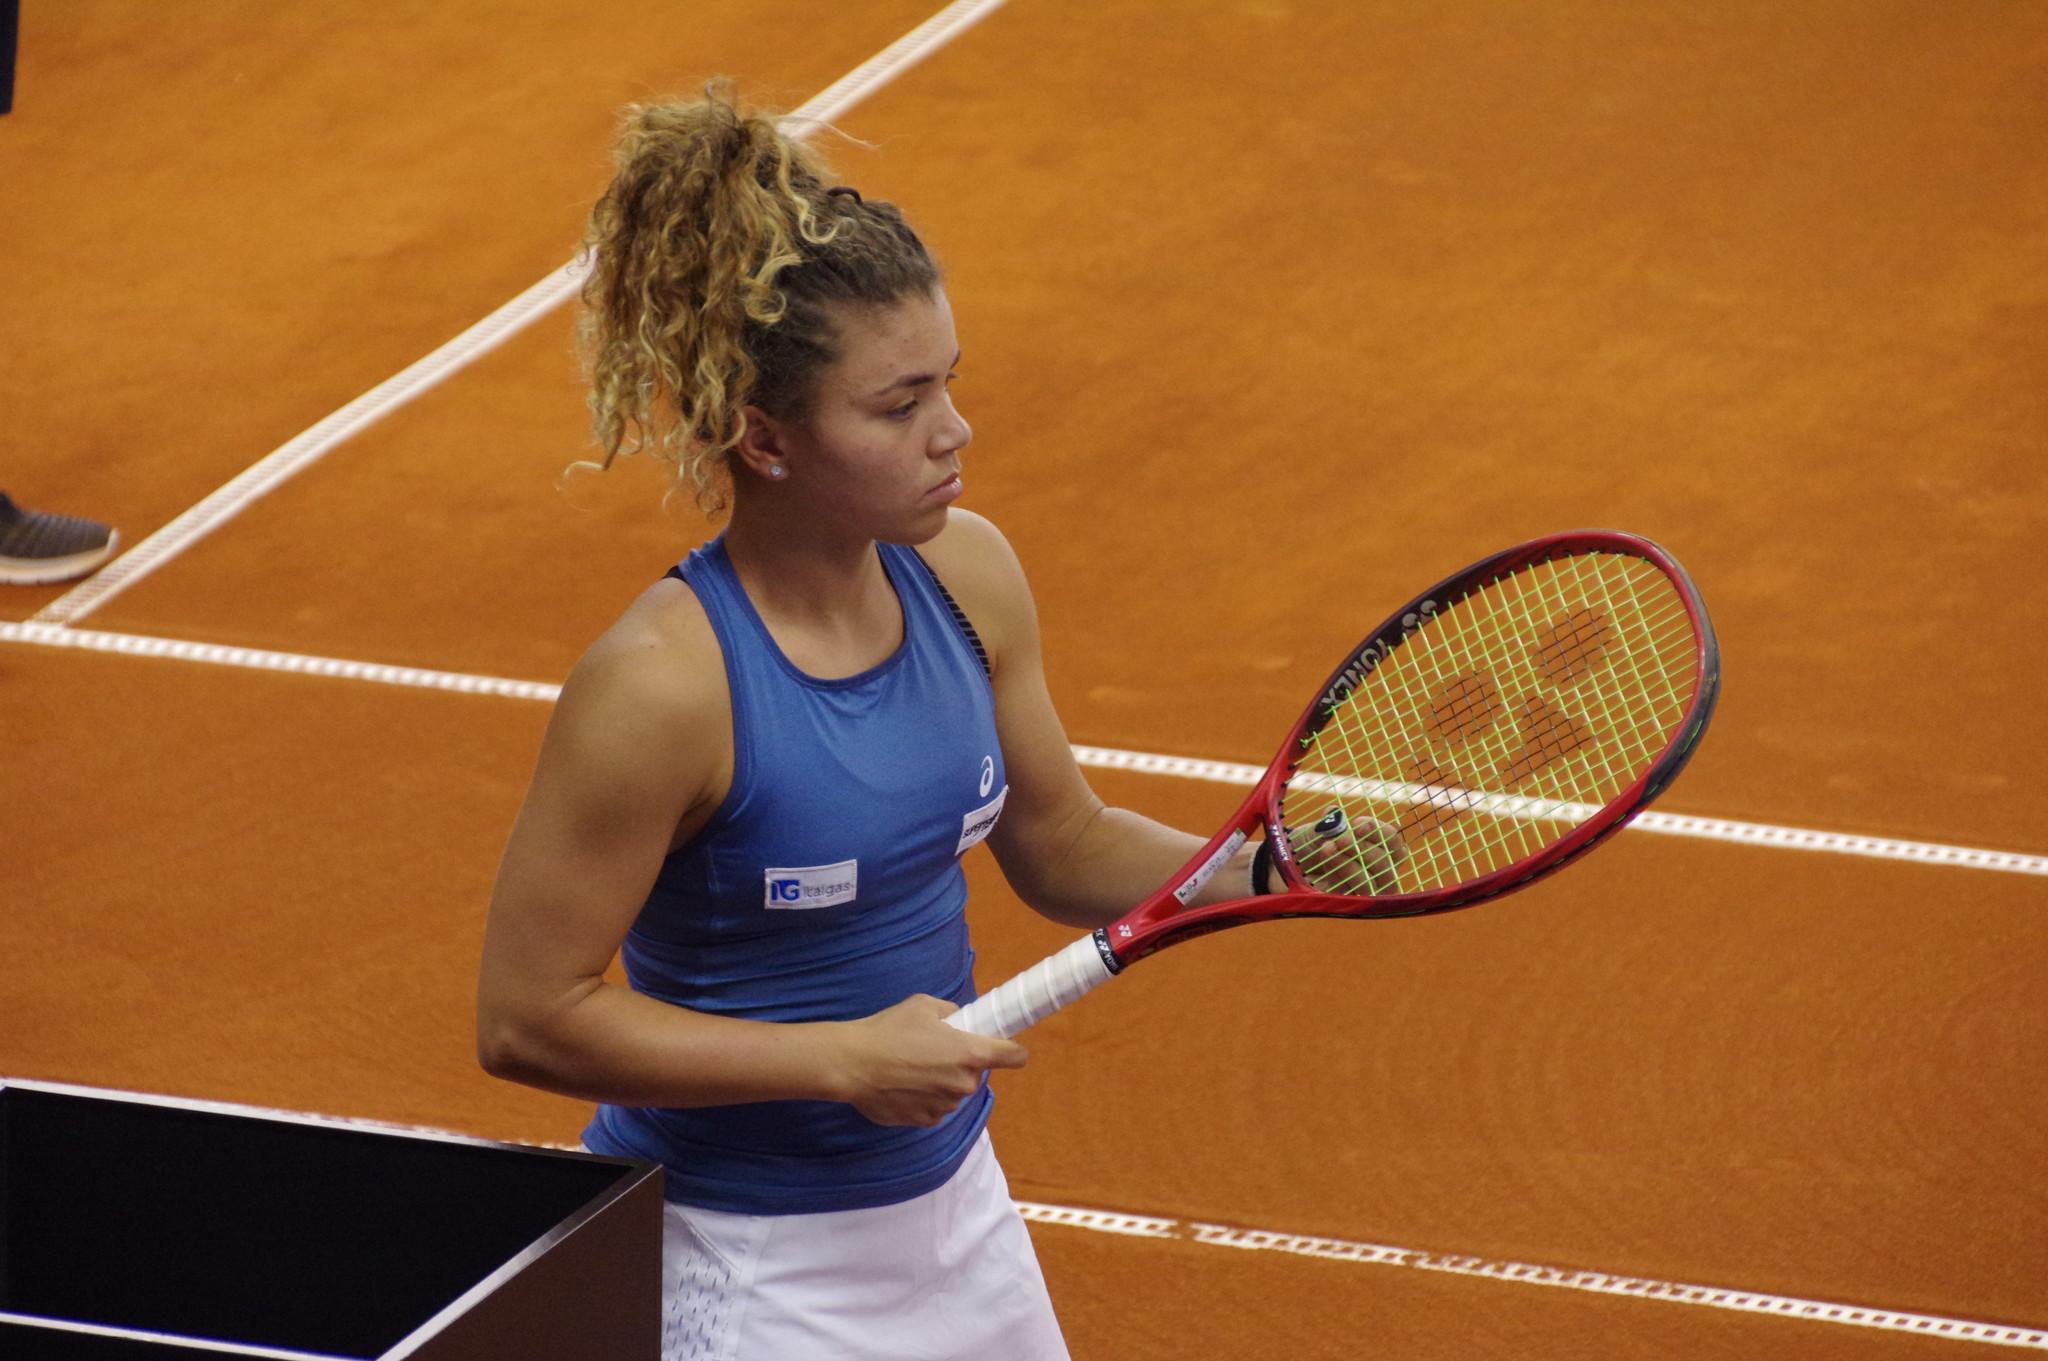 Итальянская теннисистка Жасмин Паолини